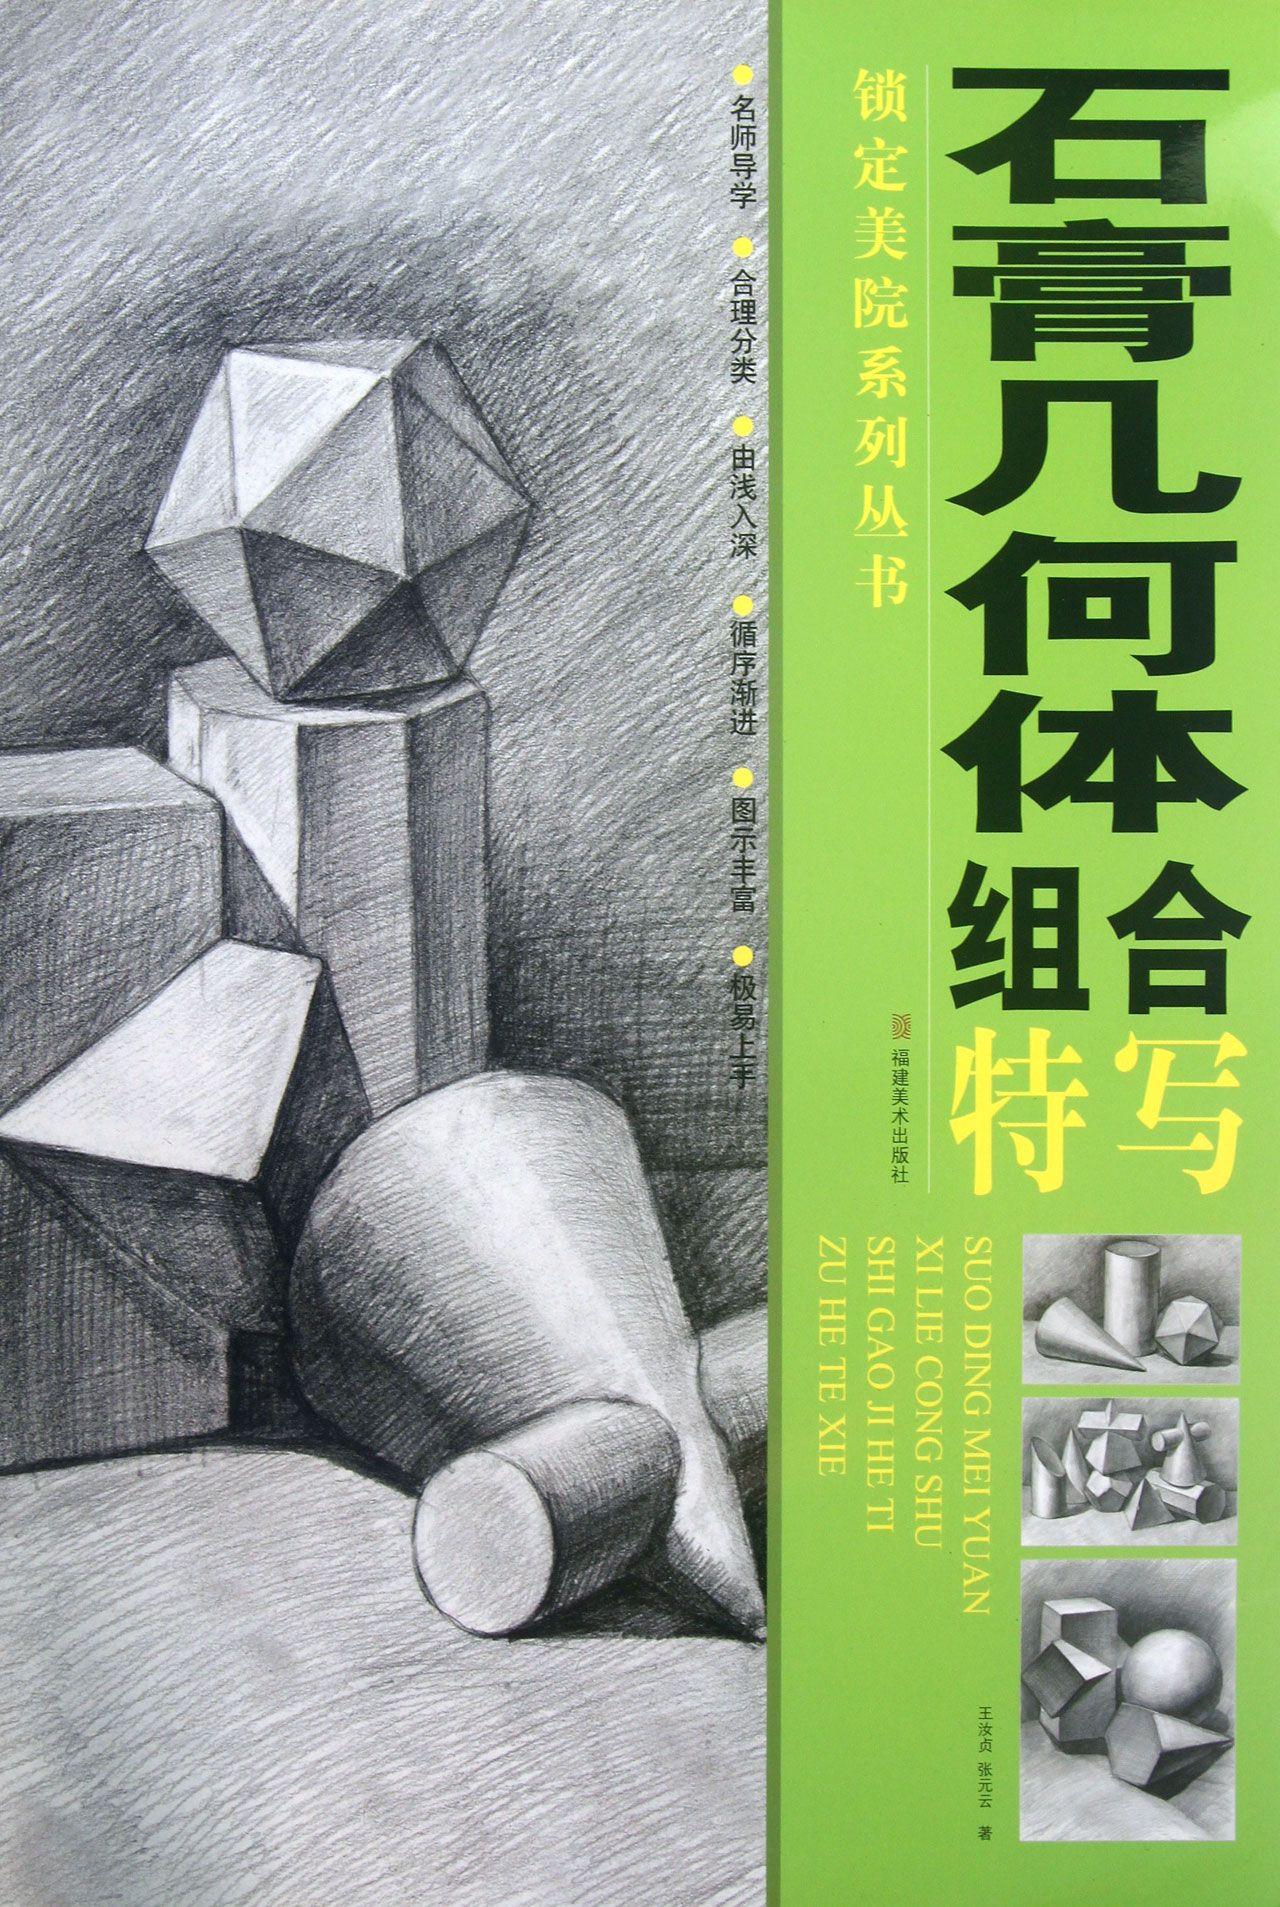 石膏几何体组合特写-博库网